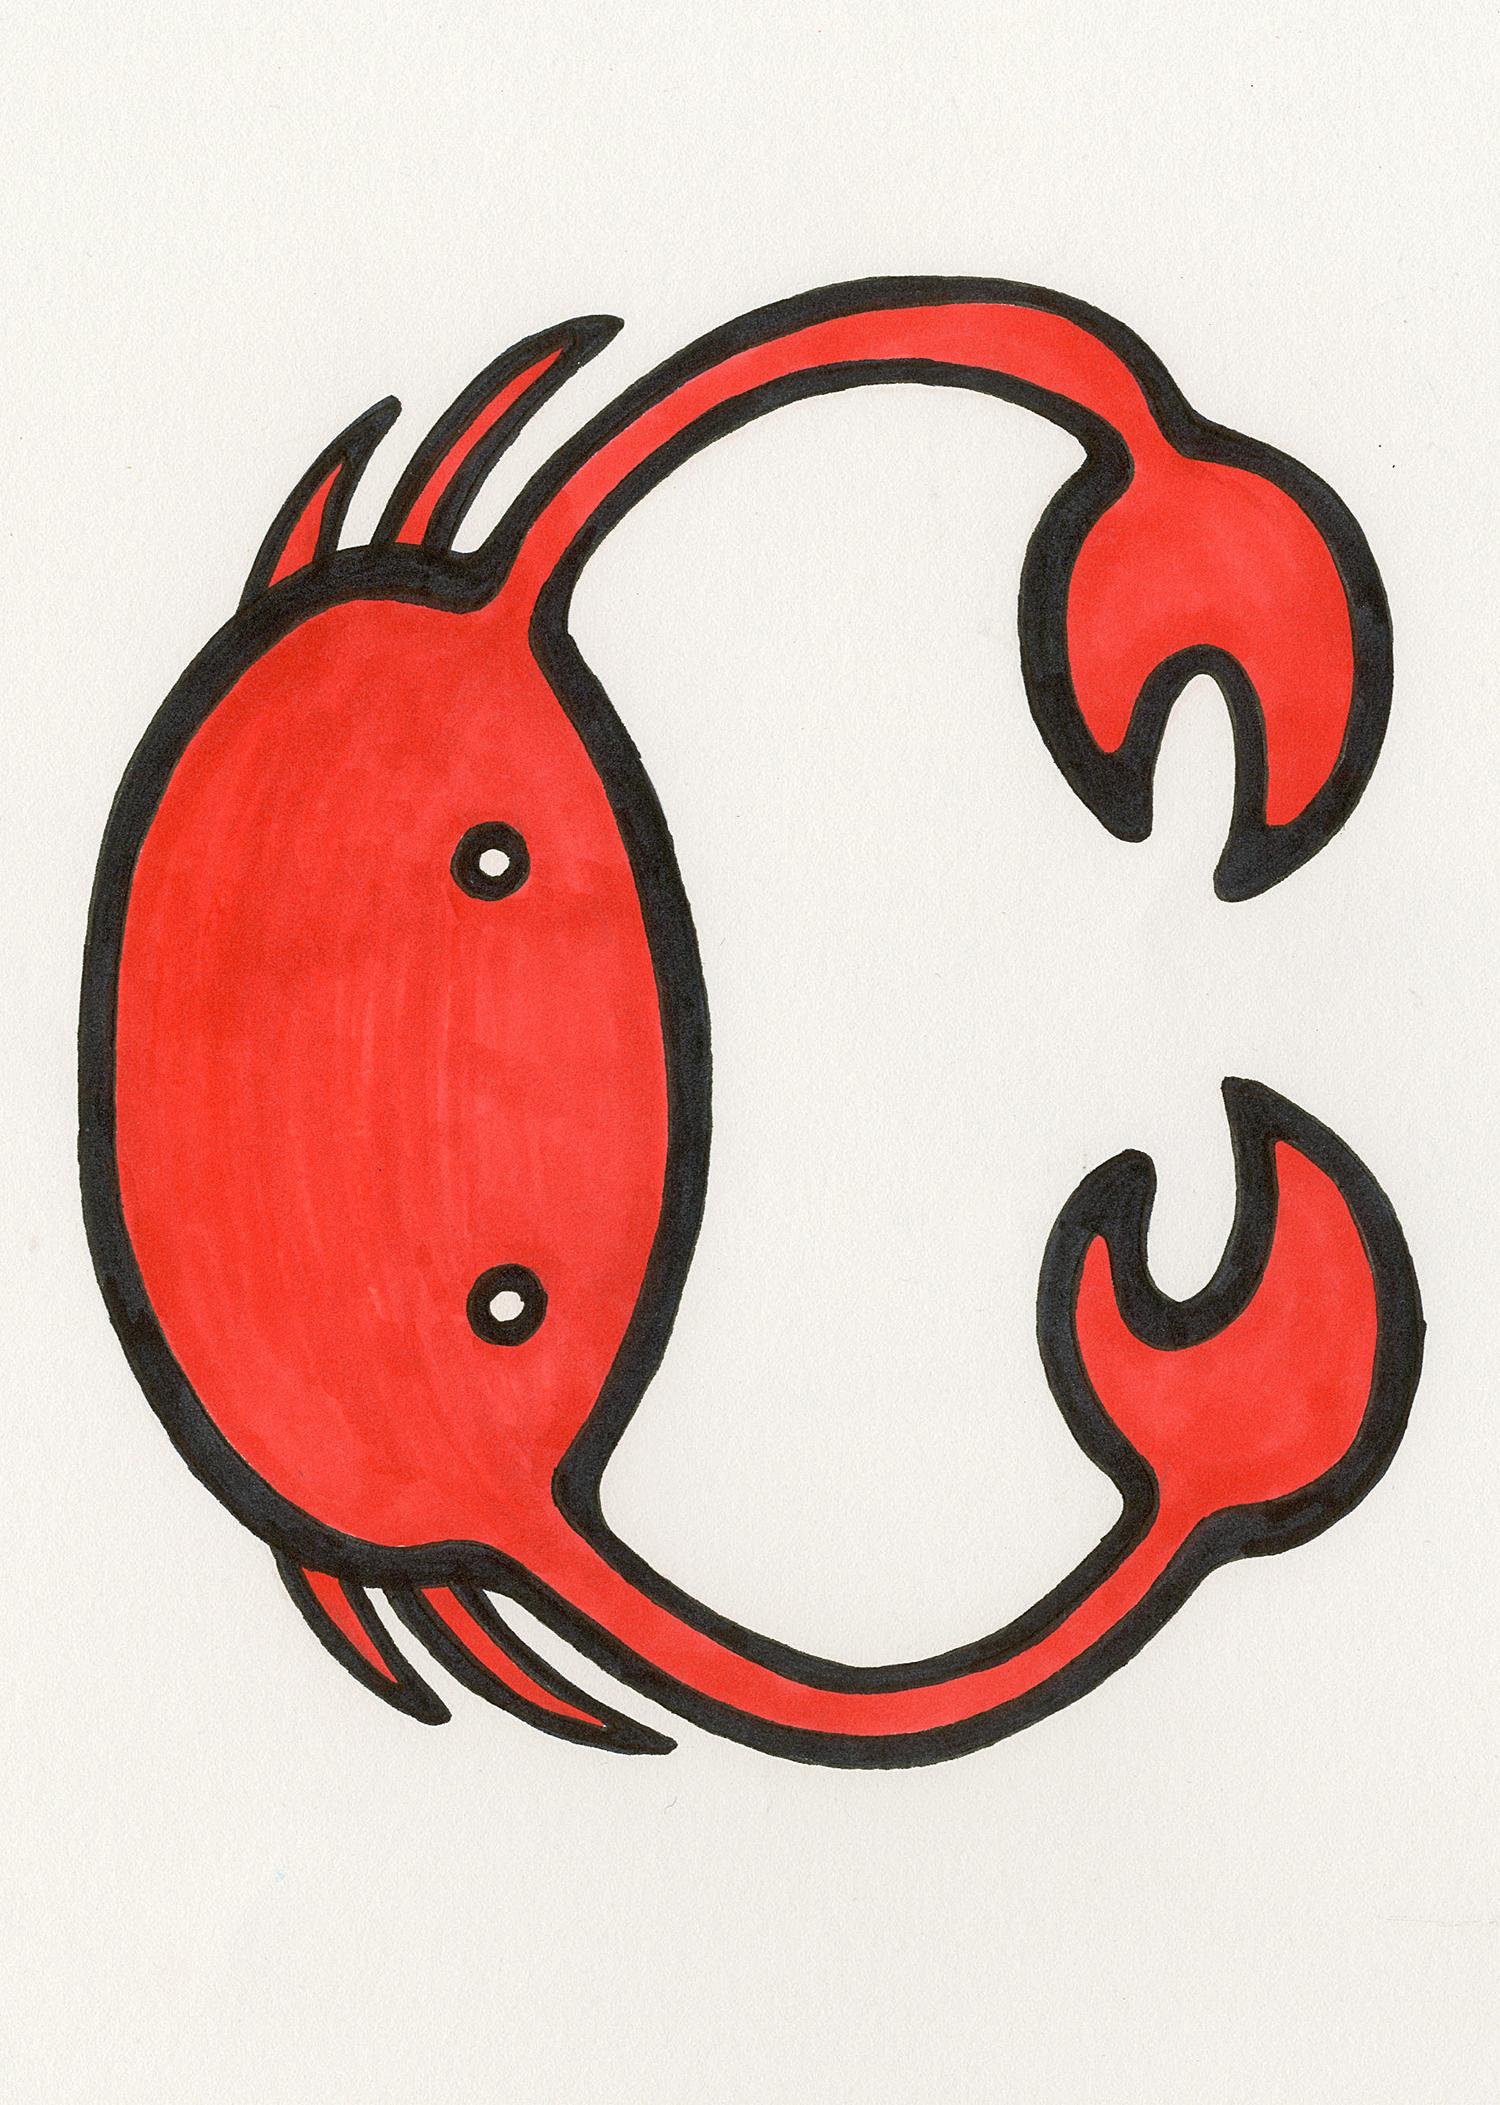 C crab.png